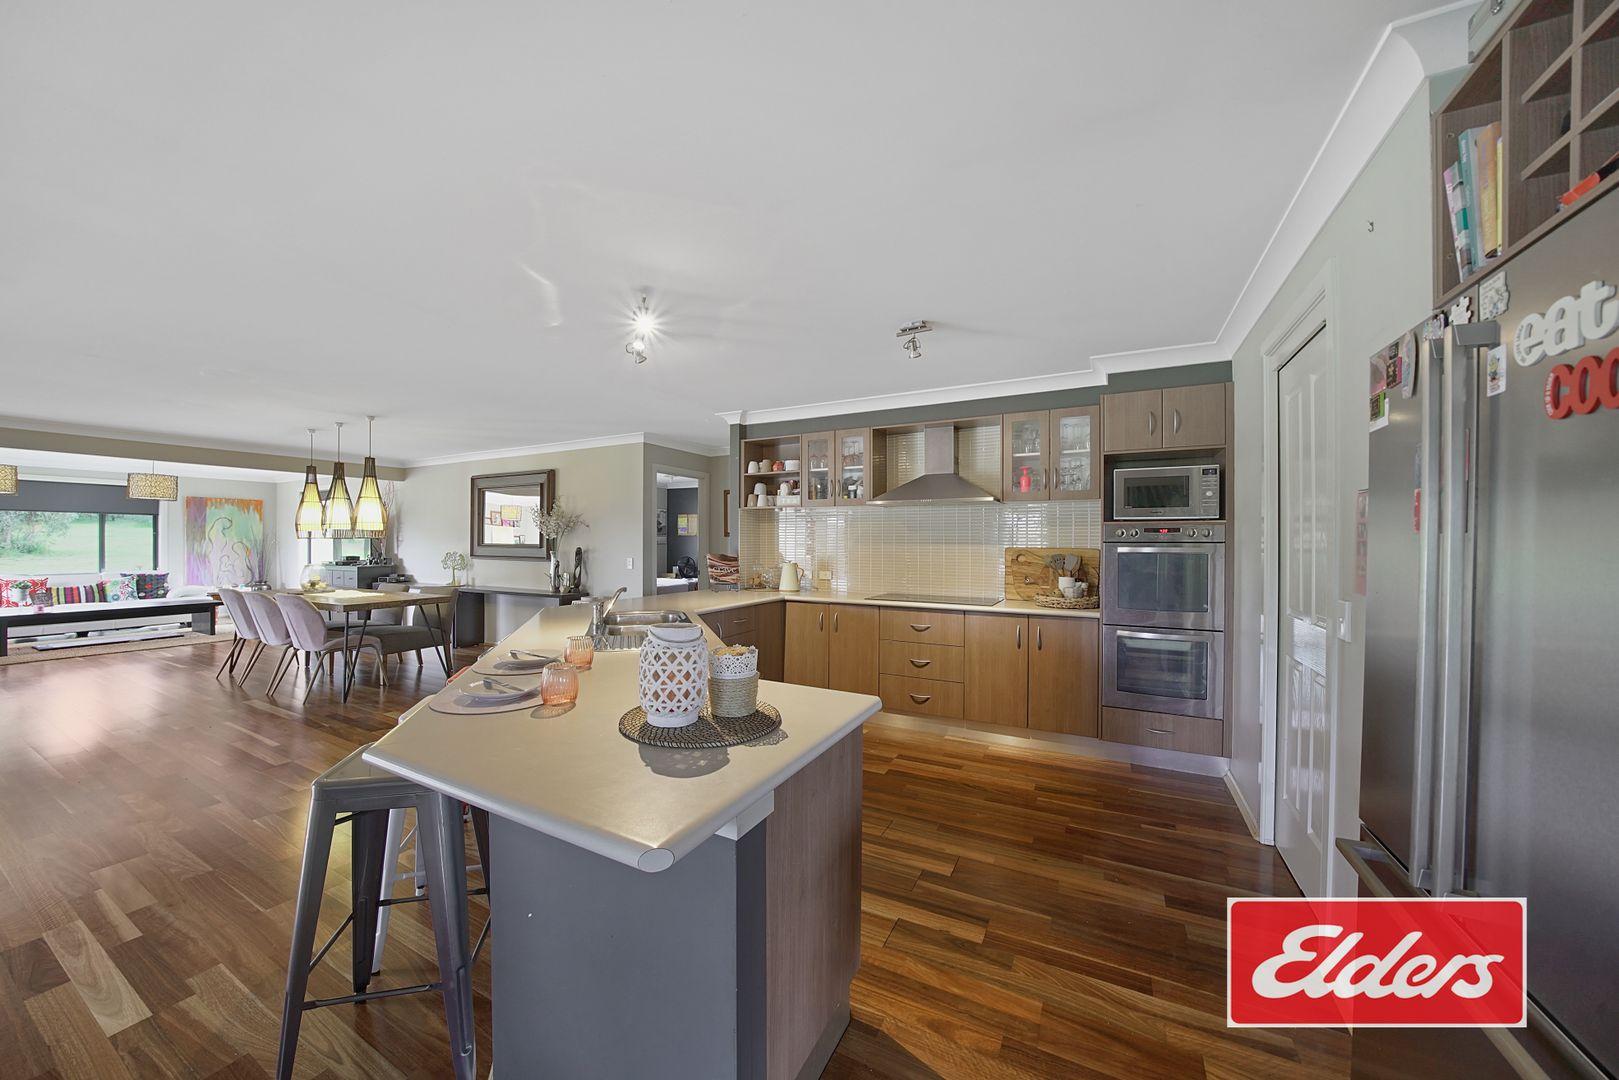 493 ARINA ROAD, Bargo NSW 2574, Image 0